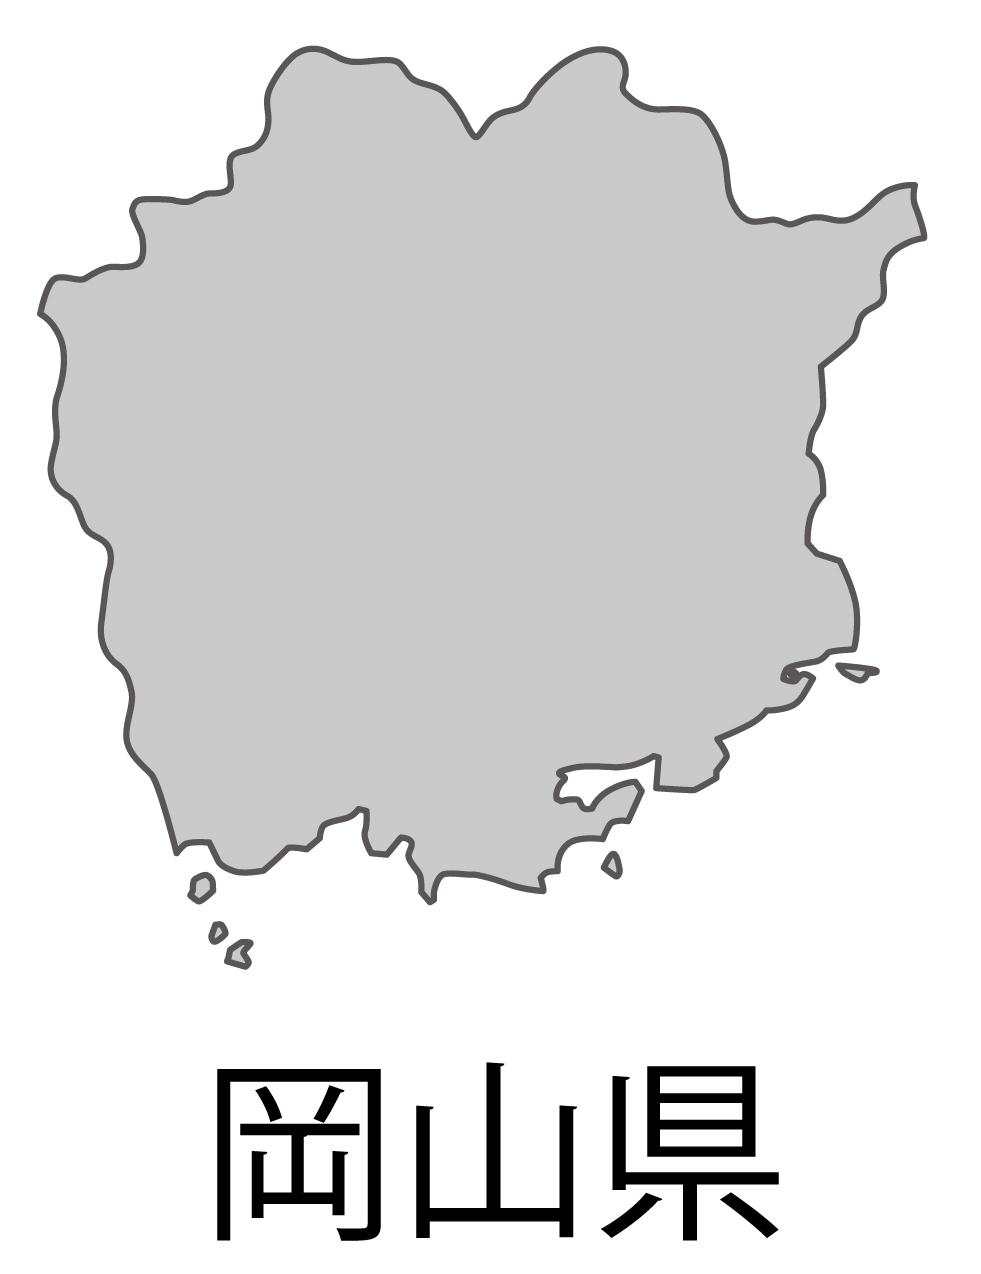 岡山県無料フリーイラスト|日本語・都道府県名あり(グレー)